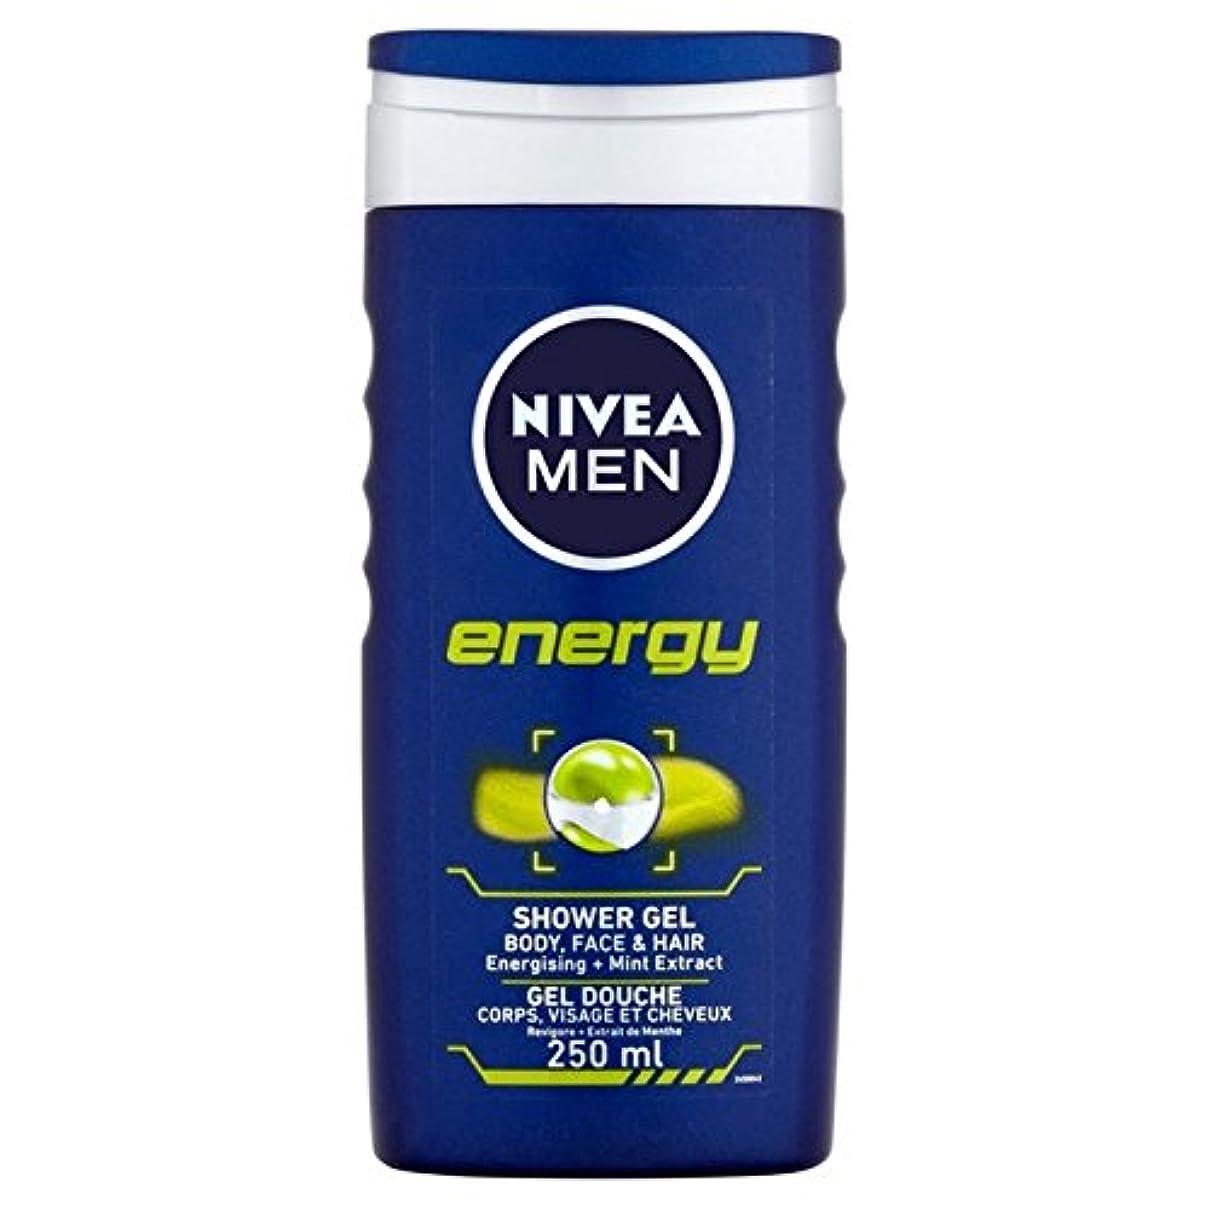 ダイヤモンド薬理学密度Nivea Men Energy 2 in 1 Shower 250ml - 1つのシャワー250ミリリットル中ニベアの男性のエネルギー2 [並行輸入品]